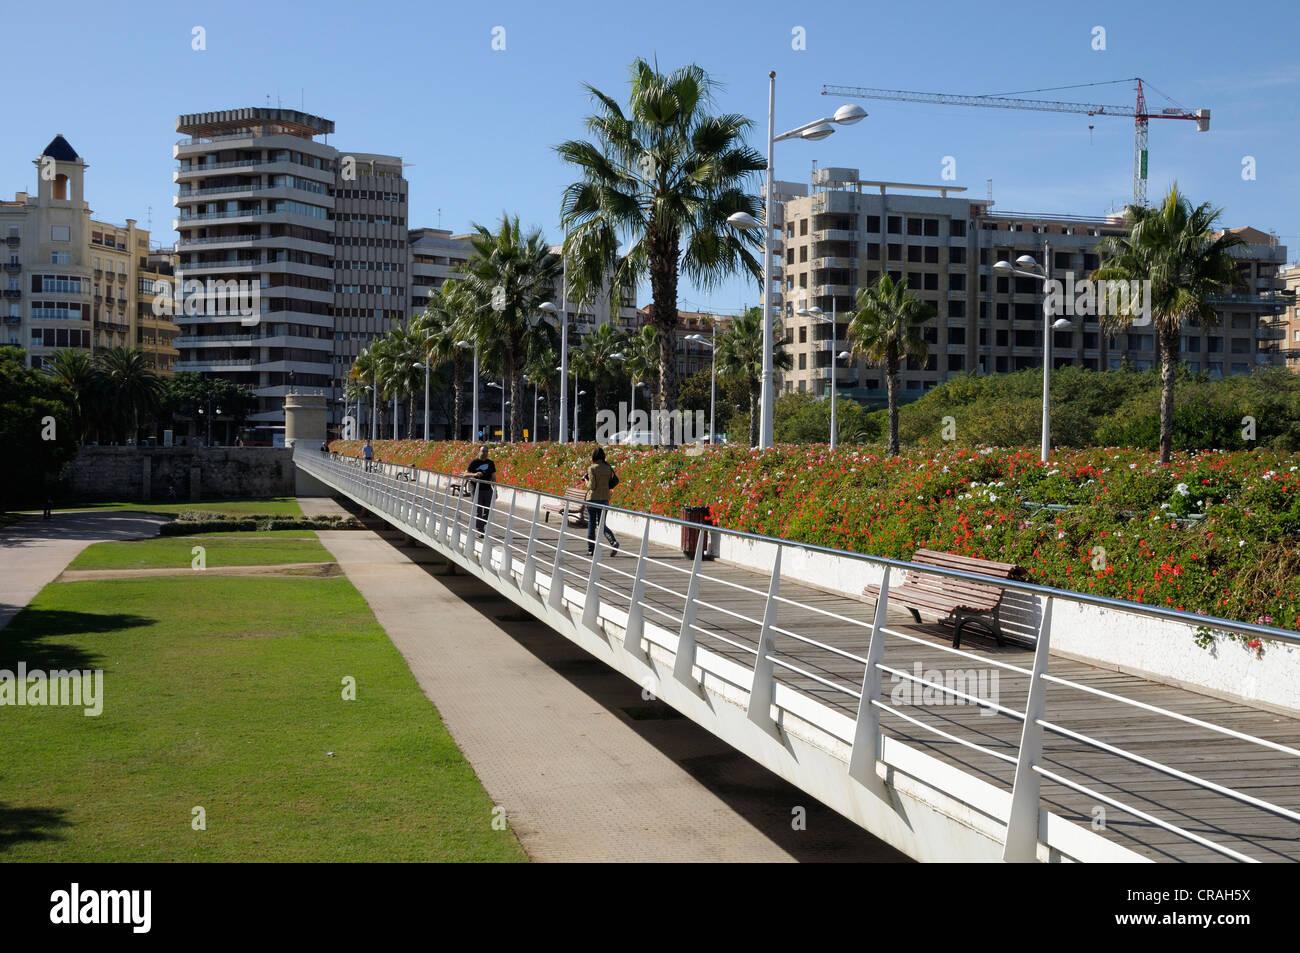 Puente de las Flores bridge, Valencia, Spain, Europe Stock Photo